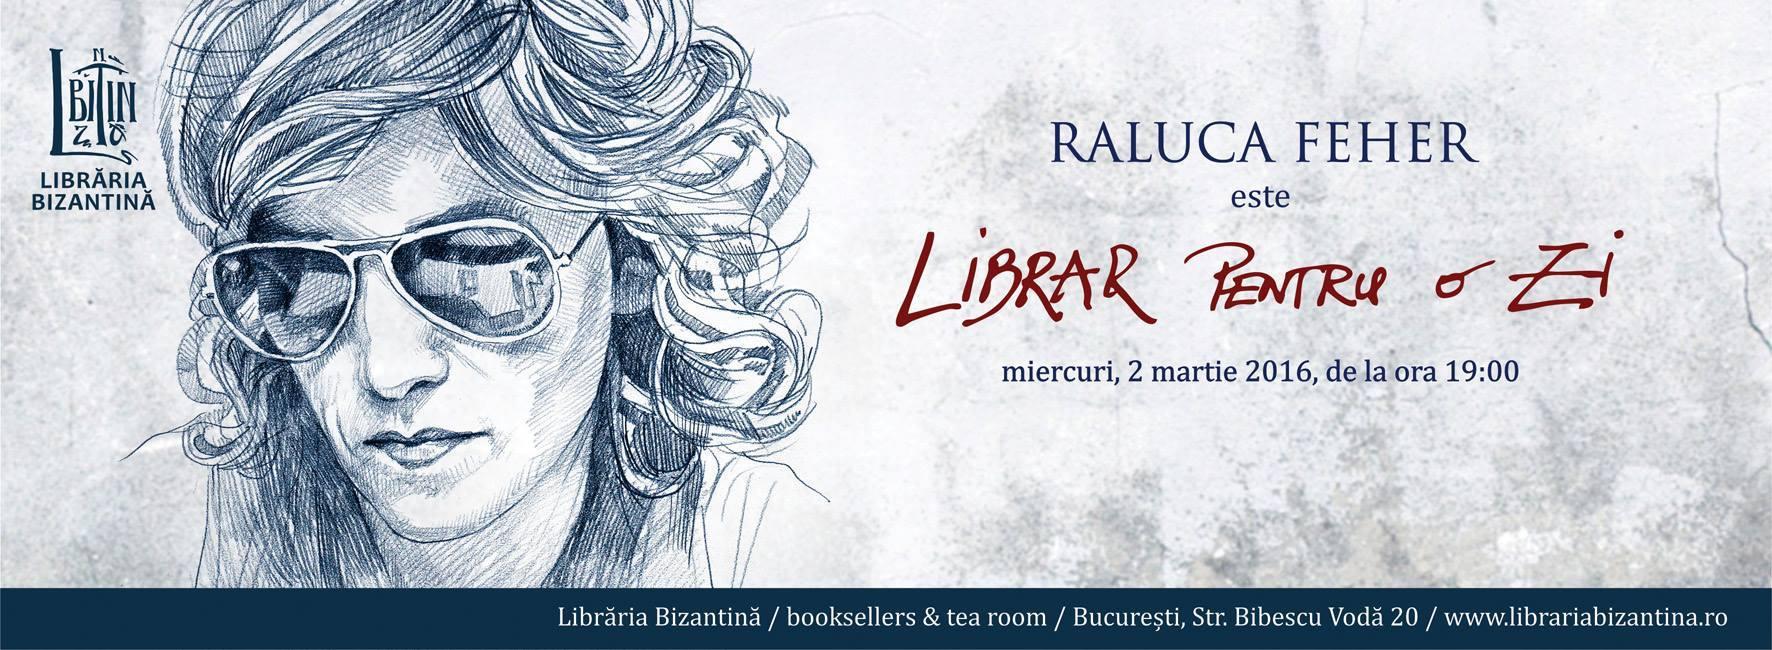 Raluca Feher este Librar pentru o zi